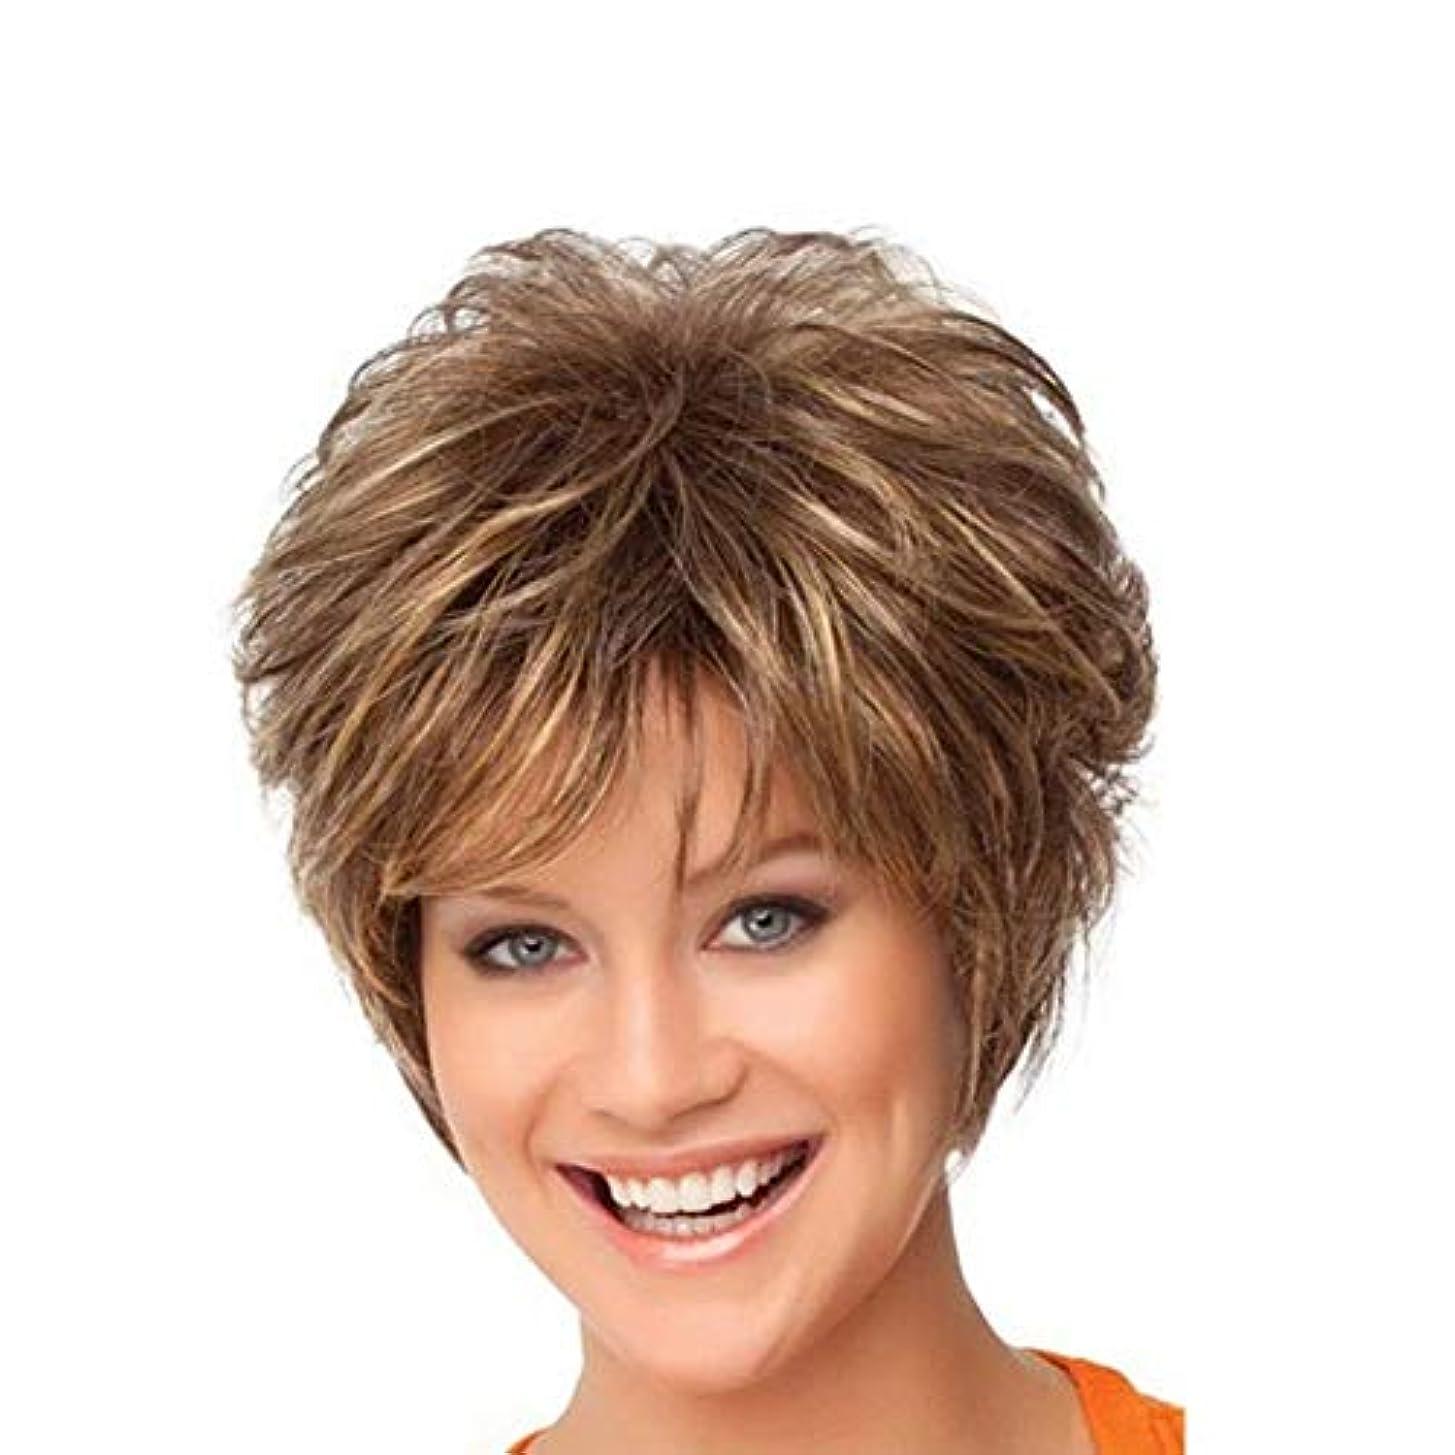 もっと商標事前にWASAIO 女性の短い巻き毛のかつらのための女性の髪のかつら (色 : ブラウン)